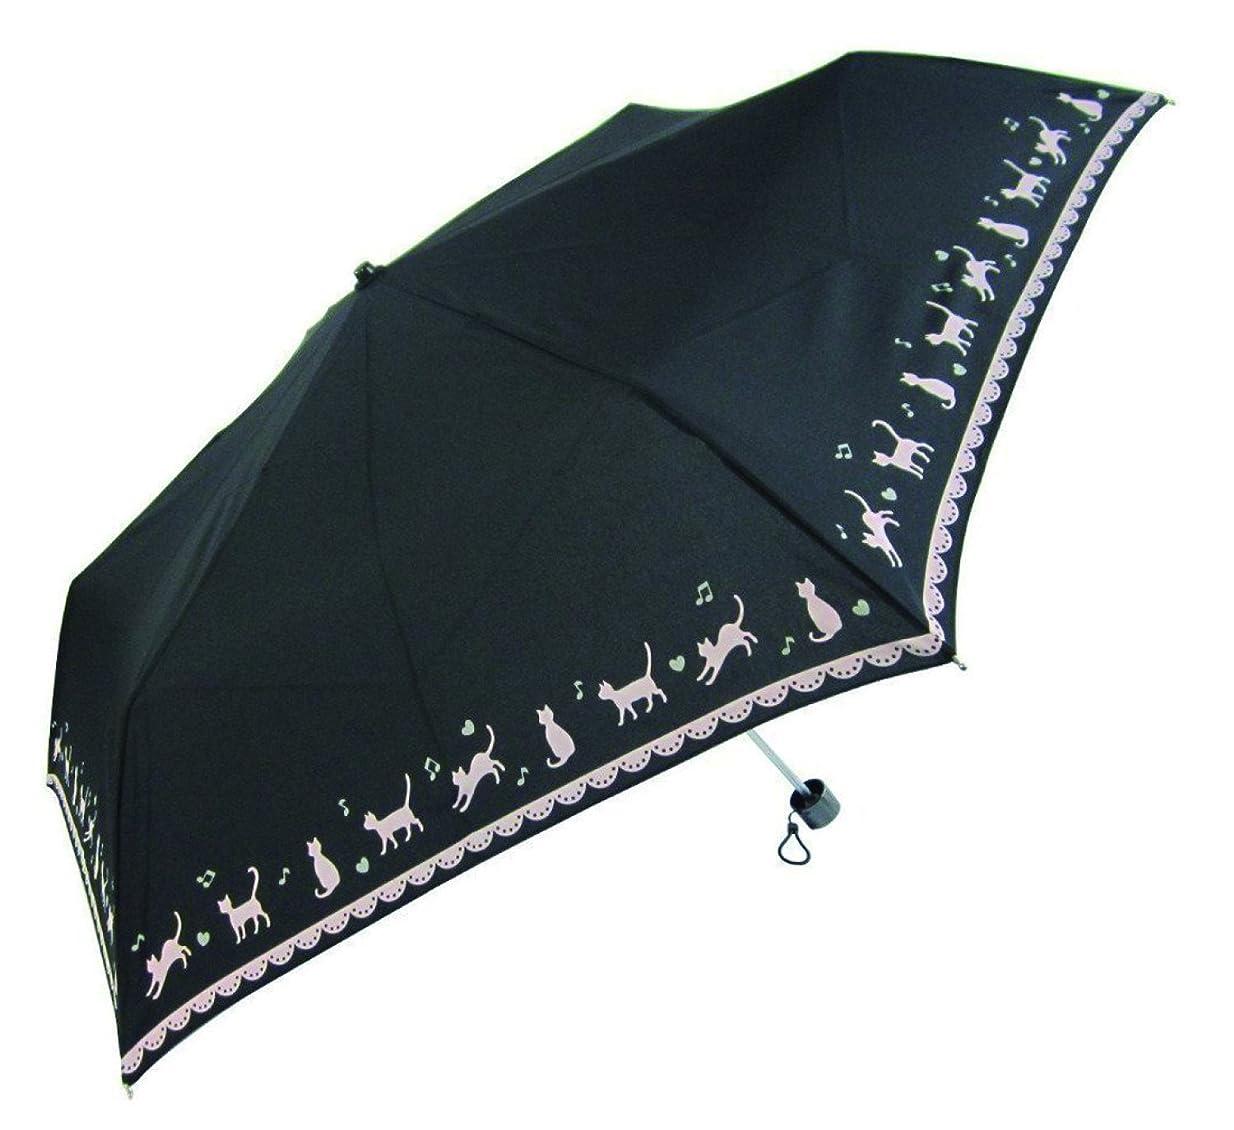 皮肉なことわざ不屈【無償修理対象】 黒ネコ裾柄 かわいい 軽量折りたたみ ミニ傘 56cm 収納しやすい袋付き (黒)